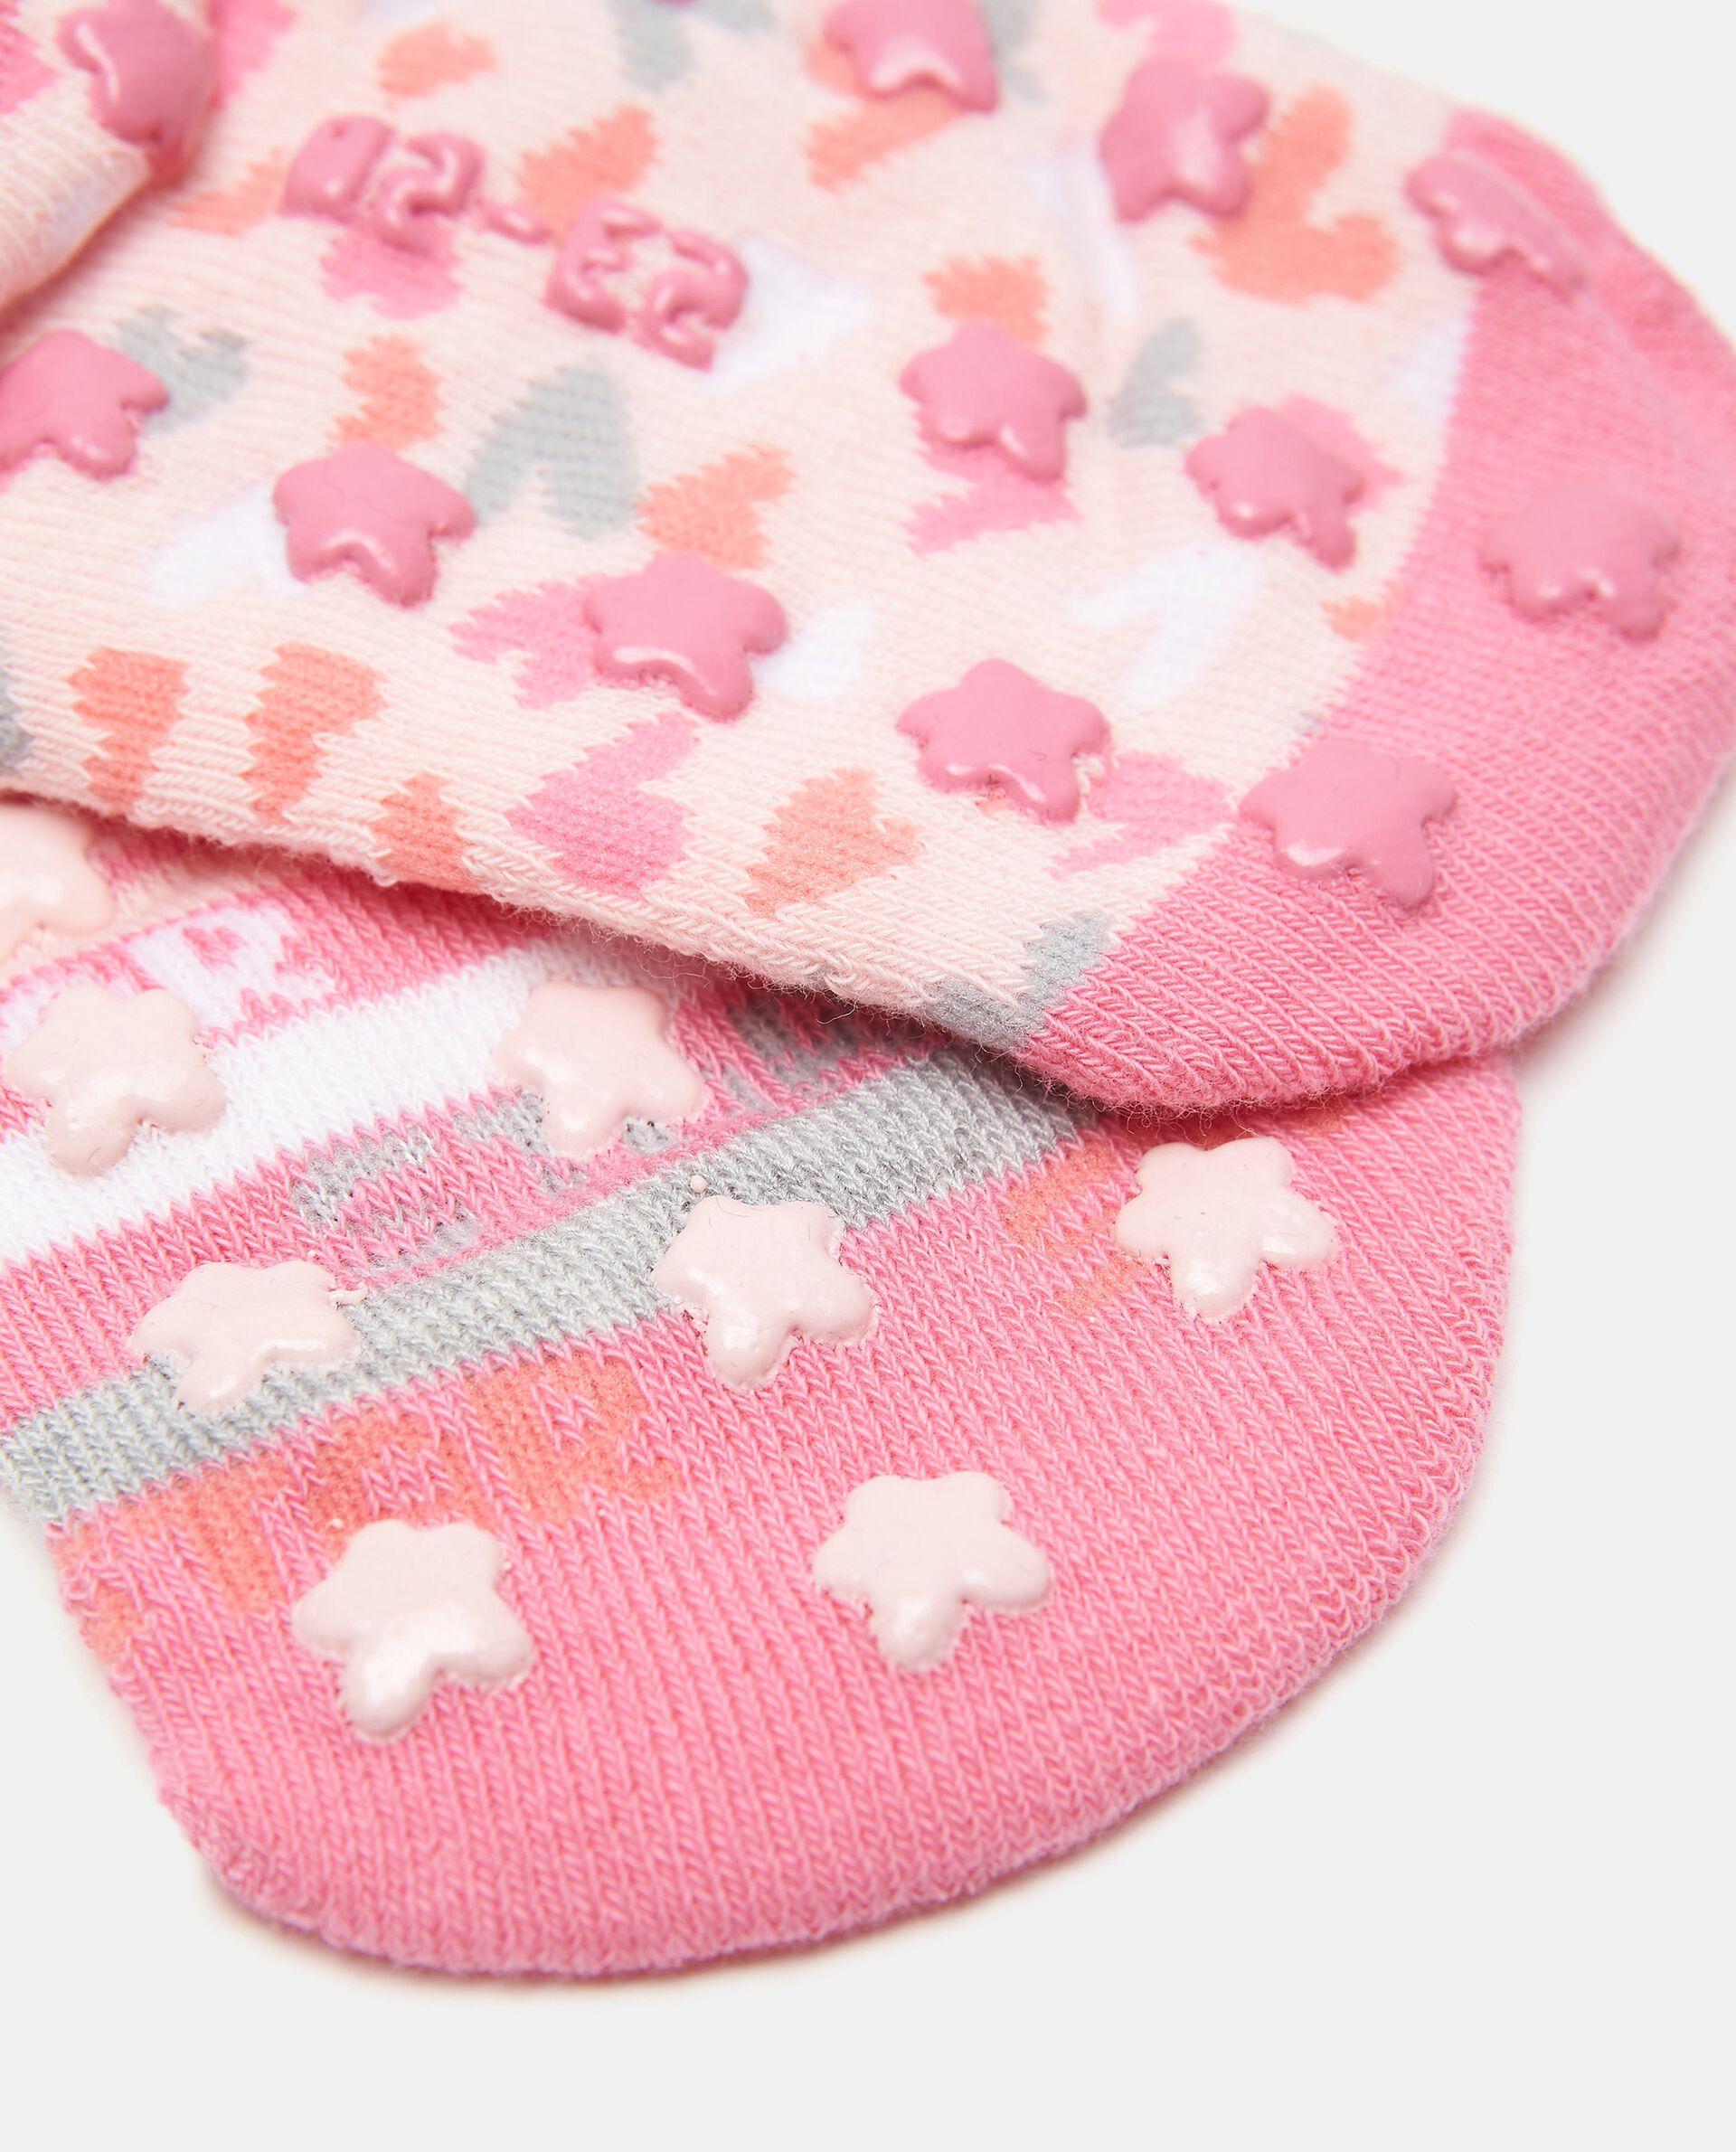 Bipack con 2 paia di calzini in cotone organico bambina